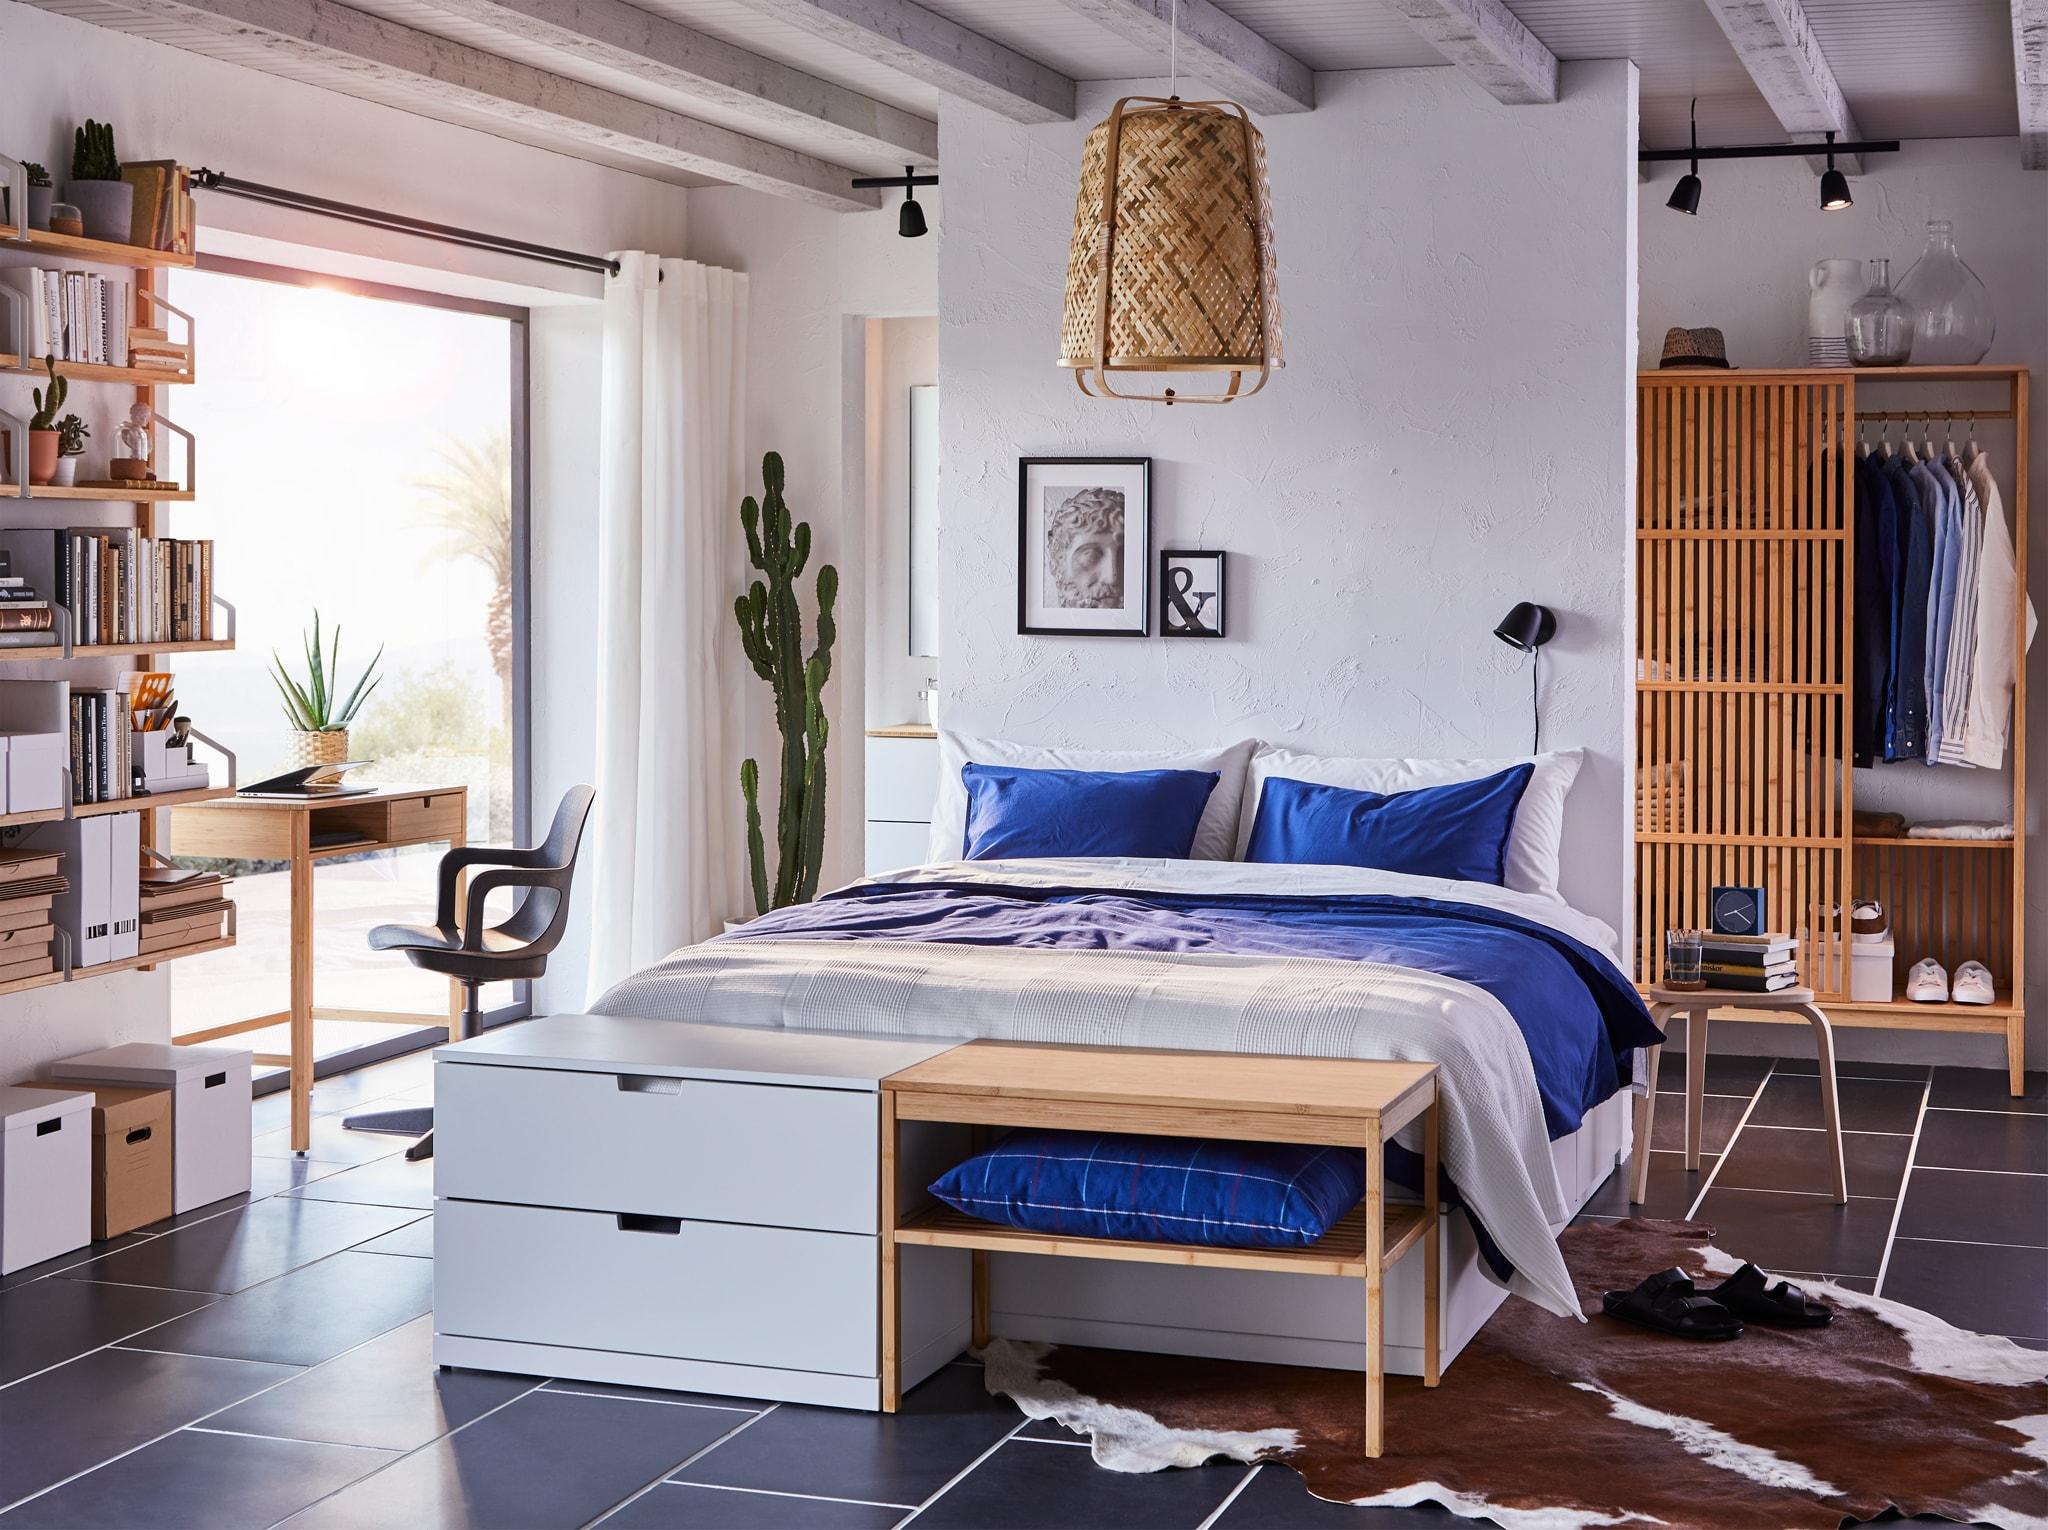 10 Langkah Menyulap Desain Ruang Kerja di Kamar Tidur yang ...